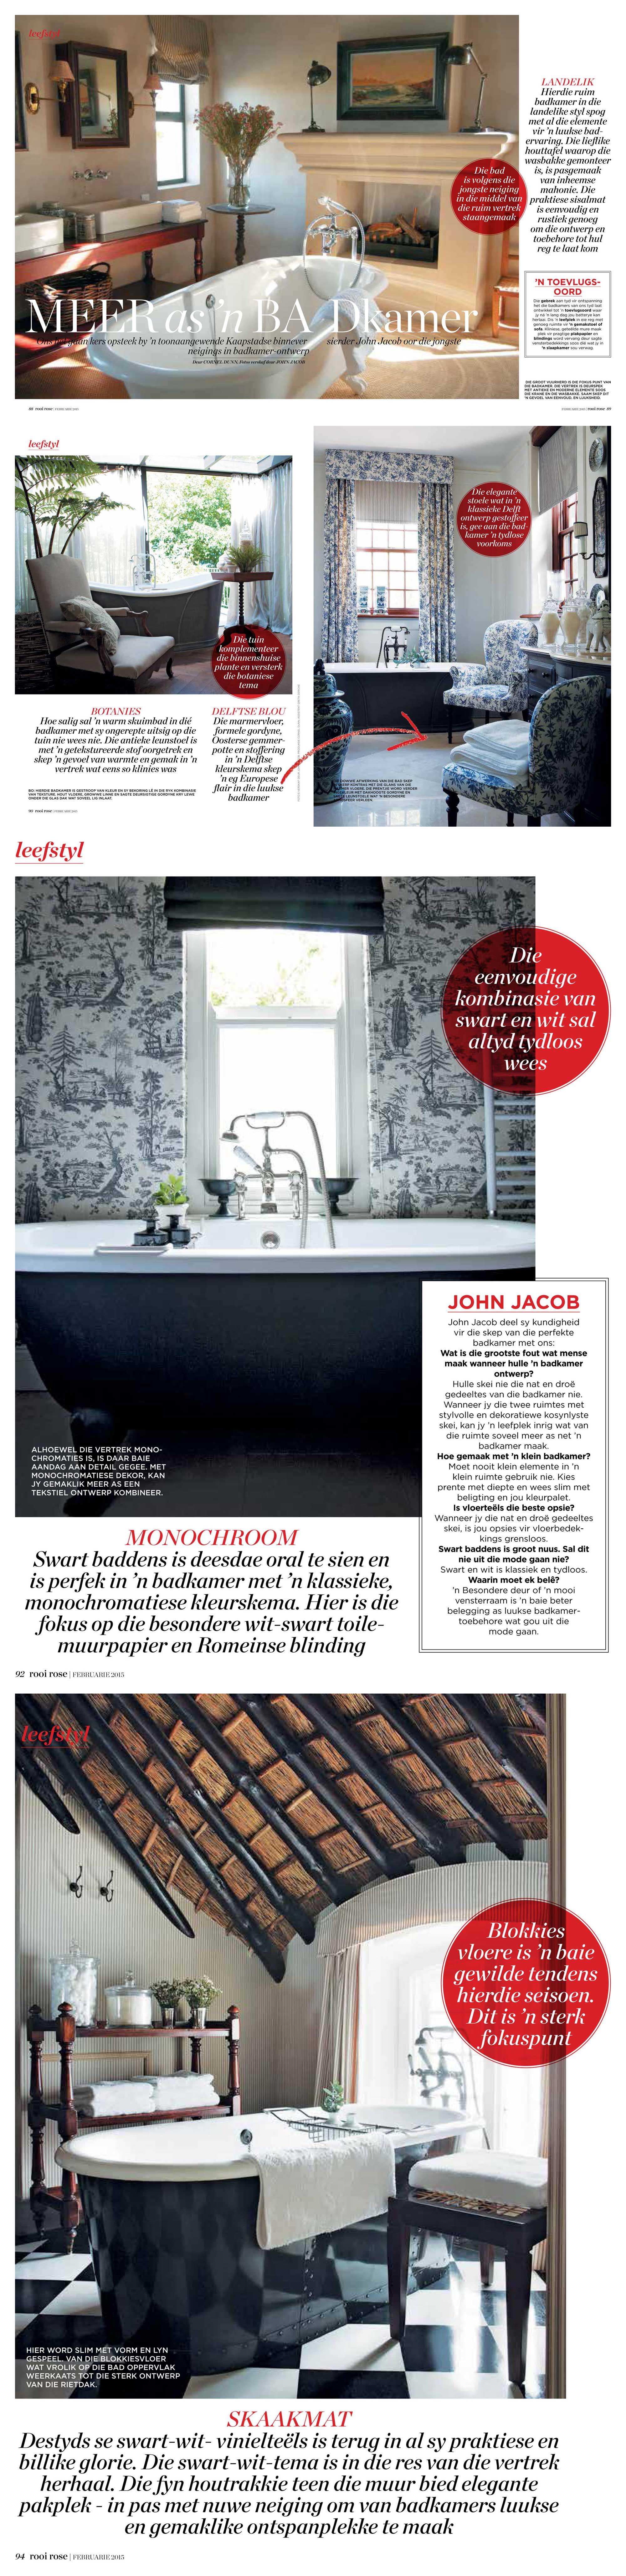 Rooi Rose magazine – February 2015 : John Jacob Interiors